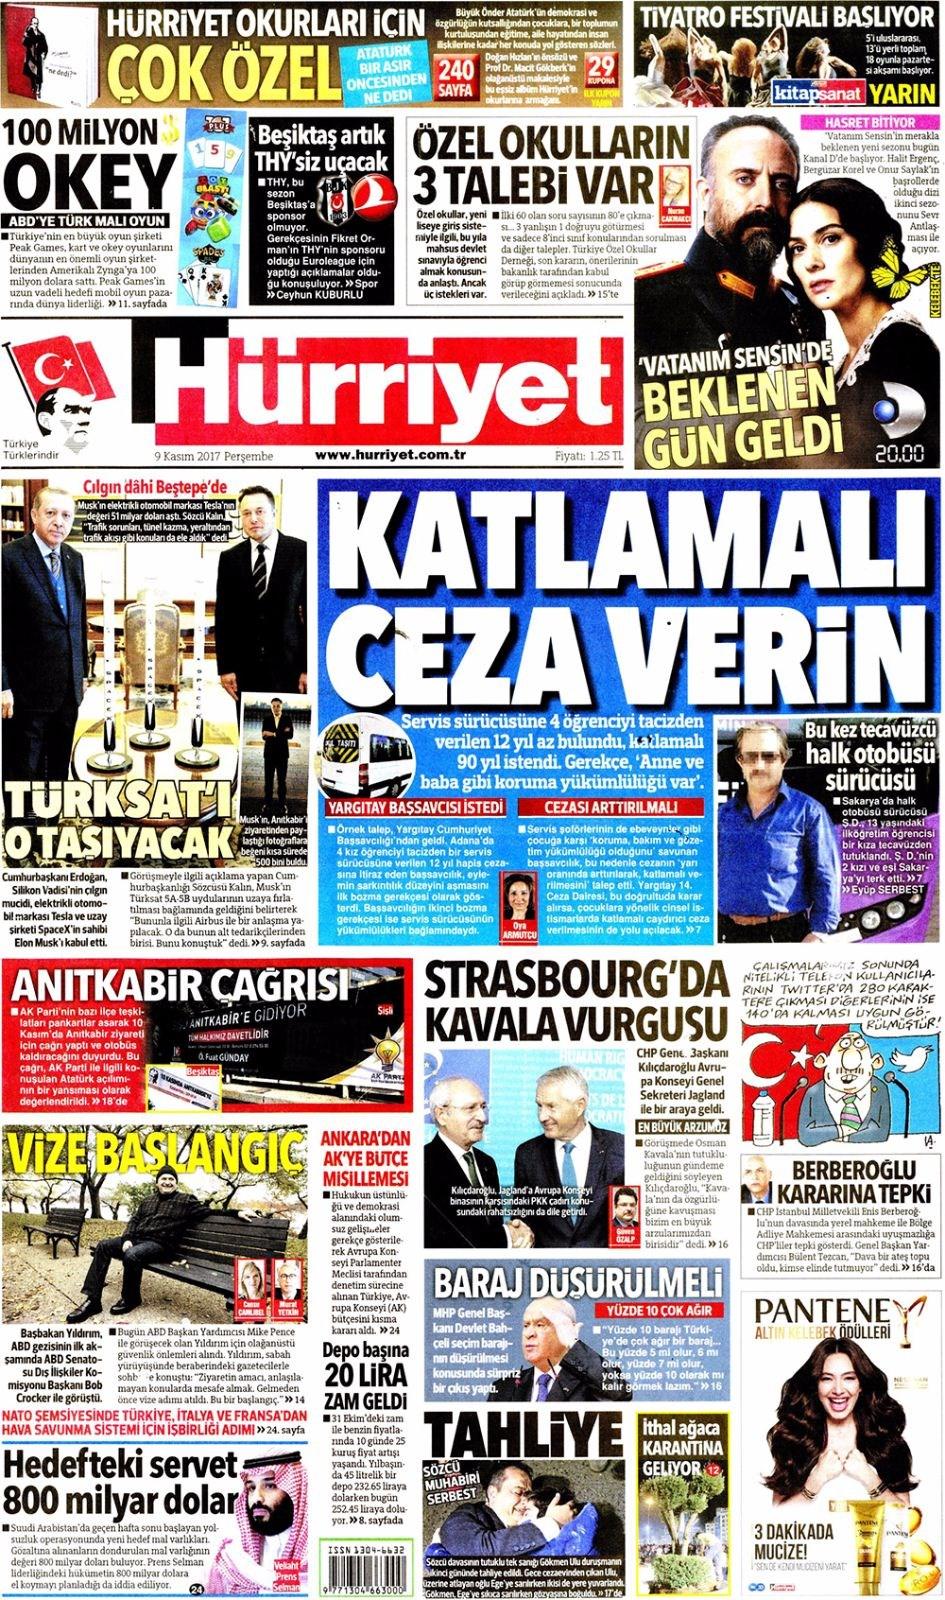 Basında bugün kim ne manşet attı? 9 kasım günün gazete manşetleri 17